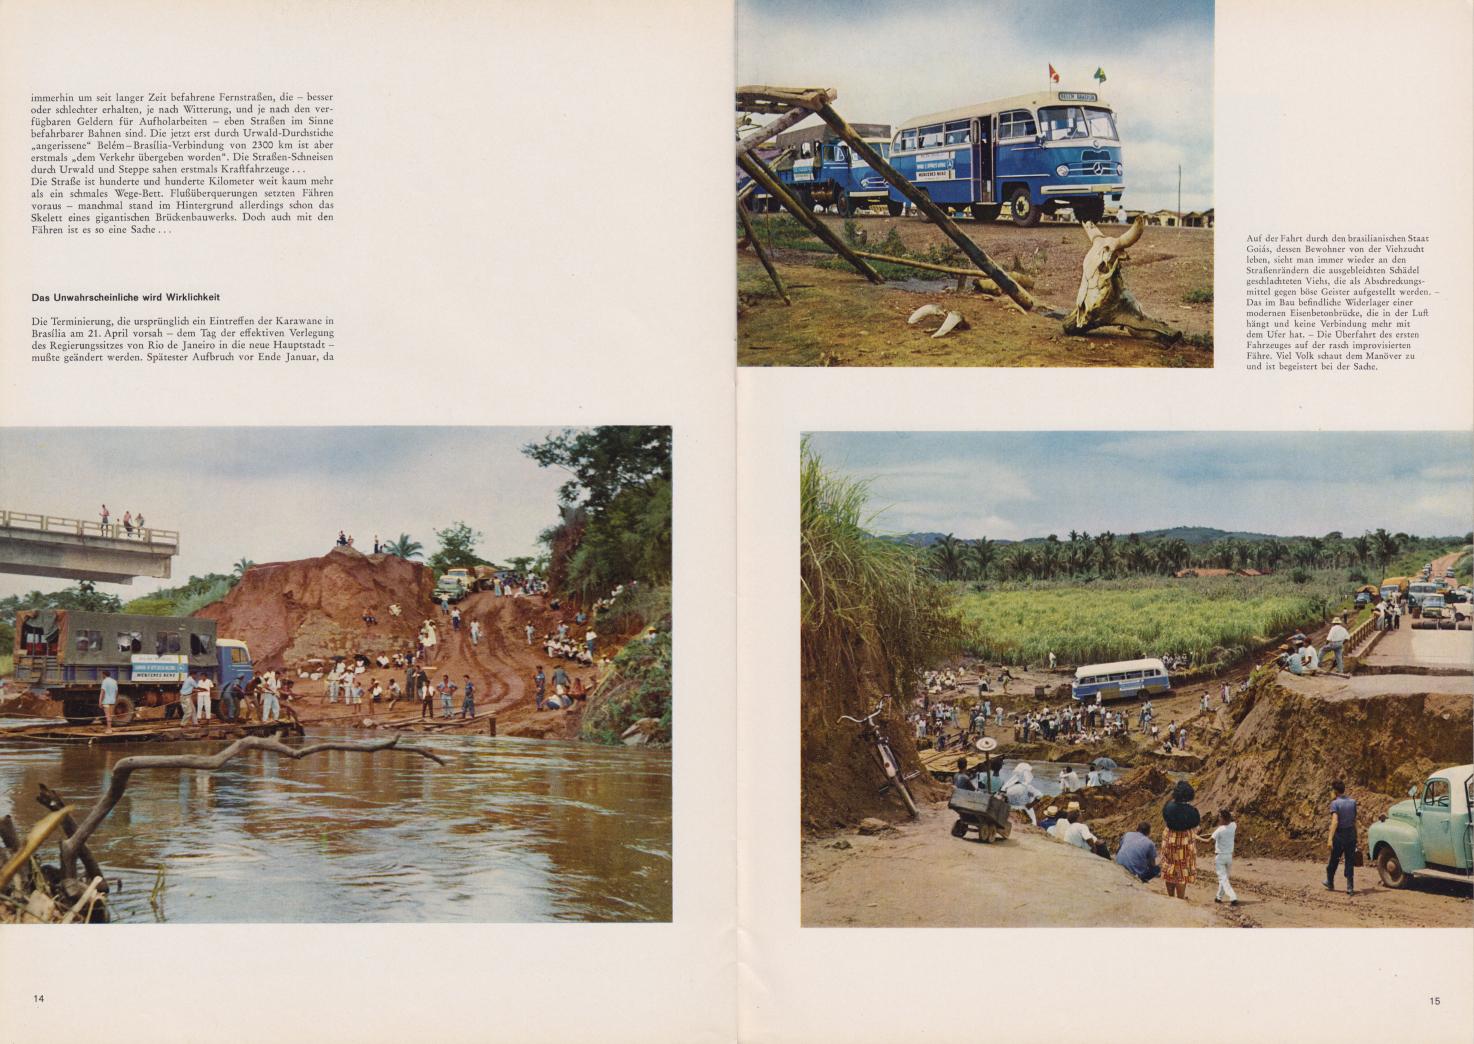 (REVISTA): Periódico In aller welt n.º 42 - Mercedes-Benz no mundo - 1960 - multilingue - com imagens do Brasil e construção de Brasília 010